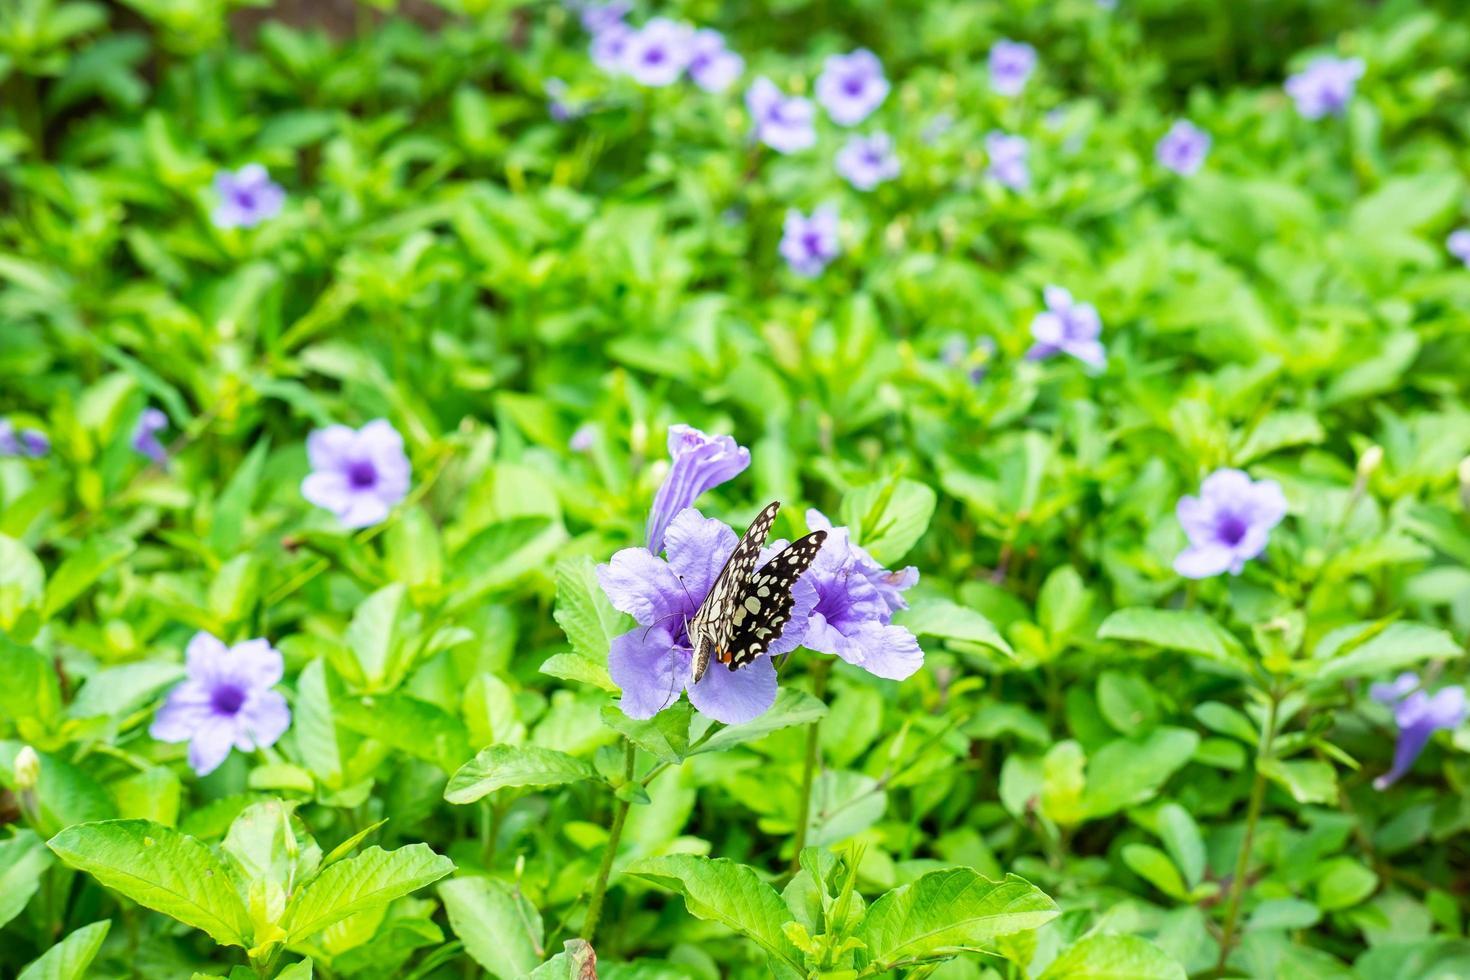 mariposa posada sobre una flor violeta foto